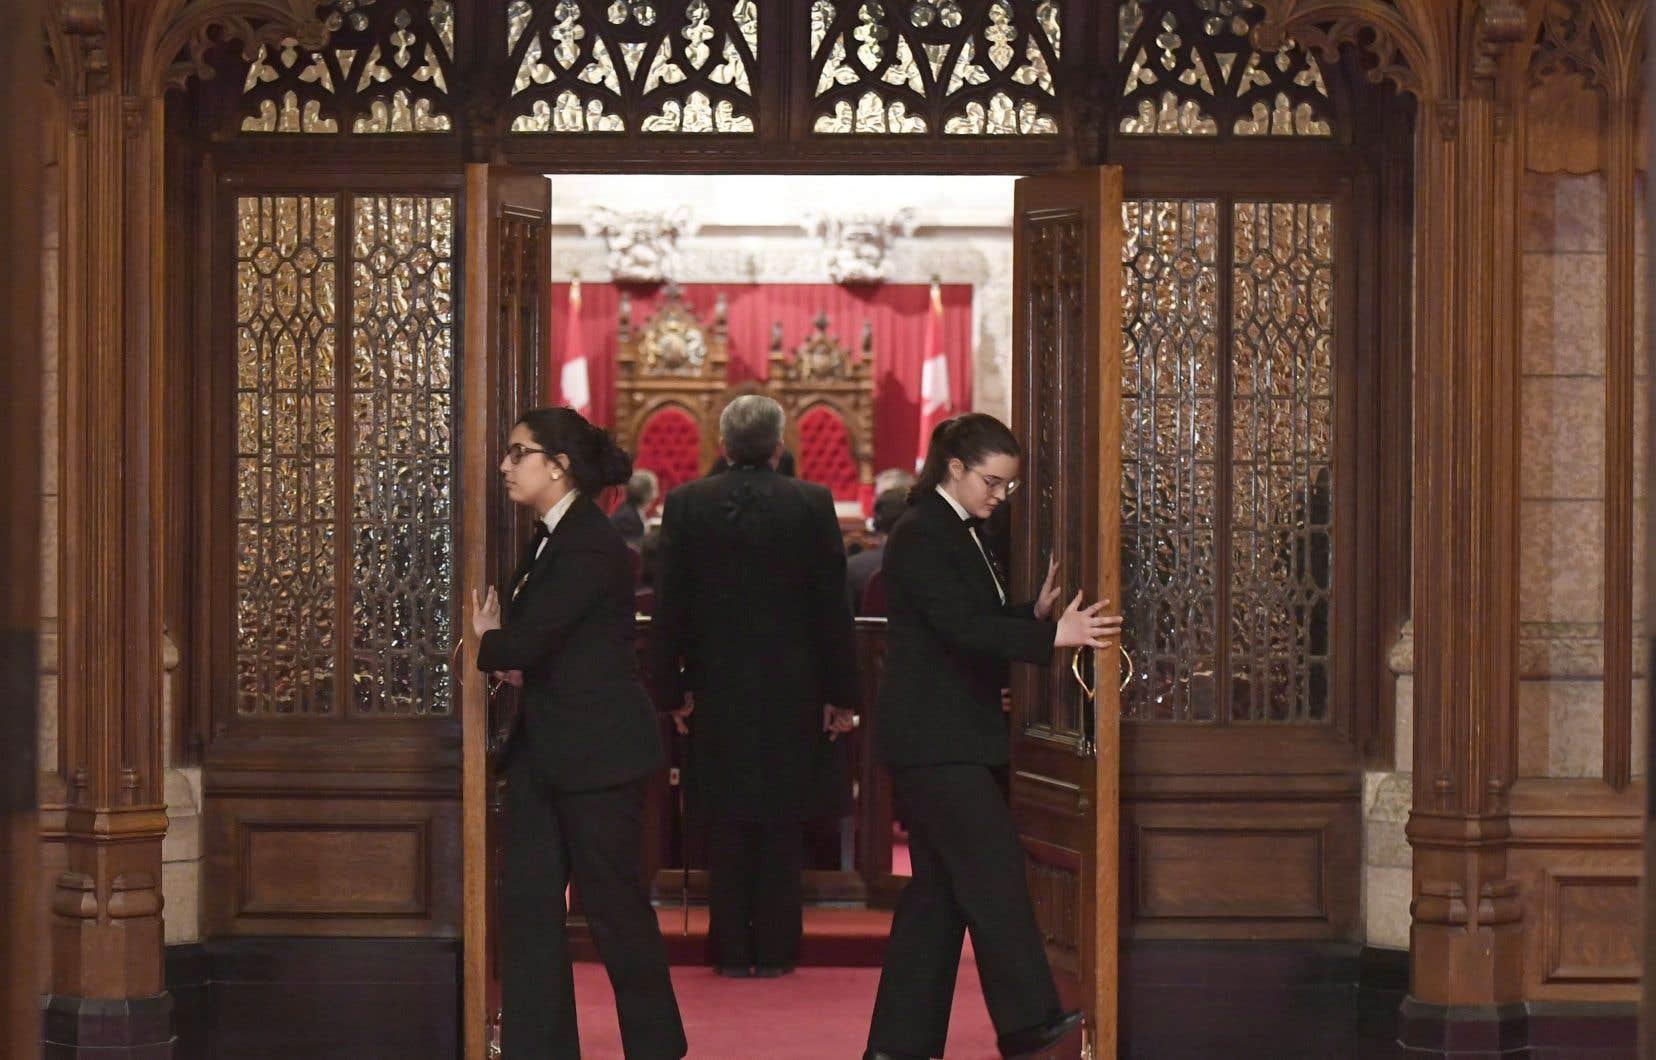 Maintenant que C-45 est sorti du Sénat, la Chambre des communes devra à nouveau se pencher sur le texte législatif qui n'est plus dans son état original.